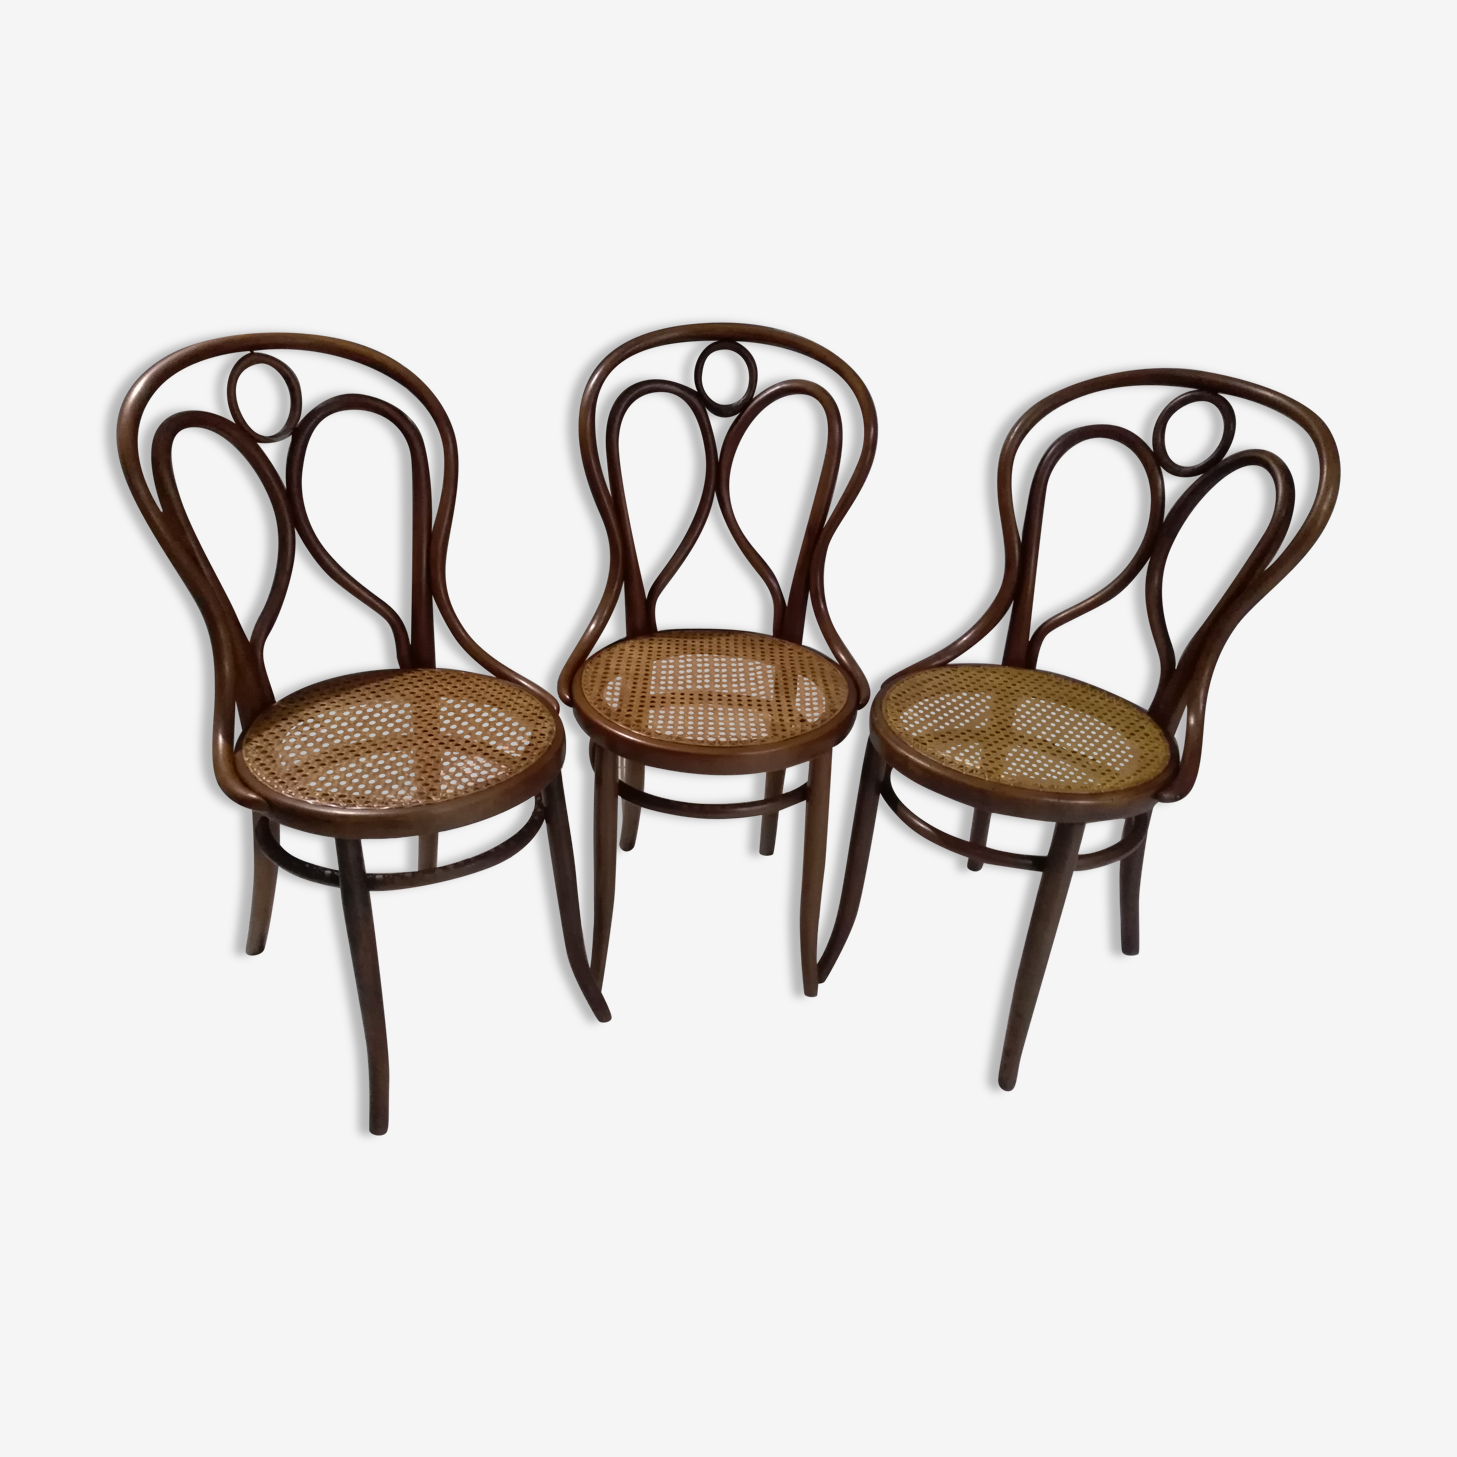 Following 3 Bistro chairs Fischel 1900